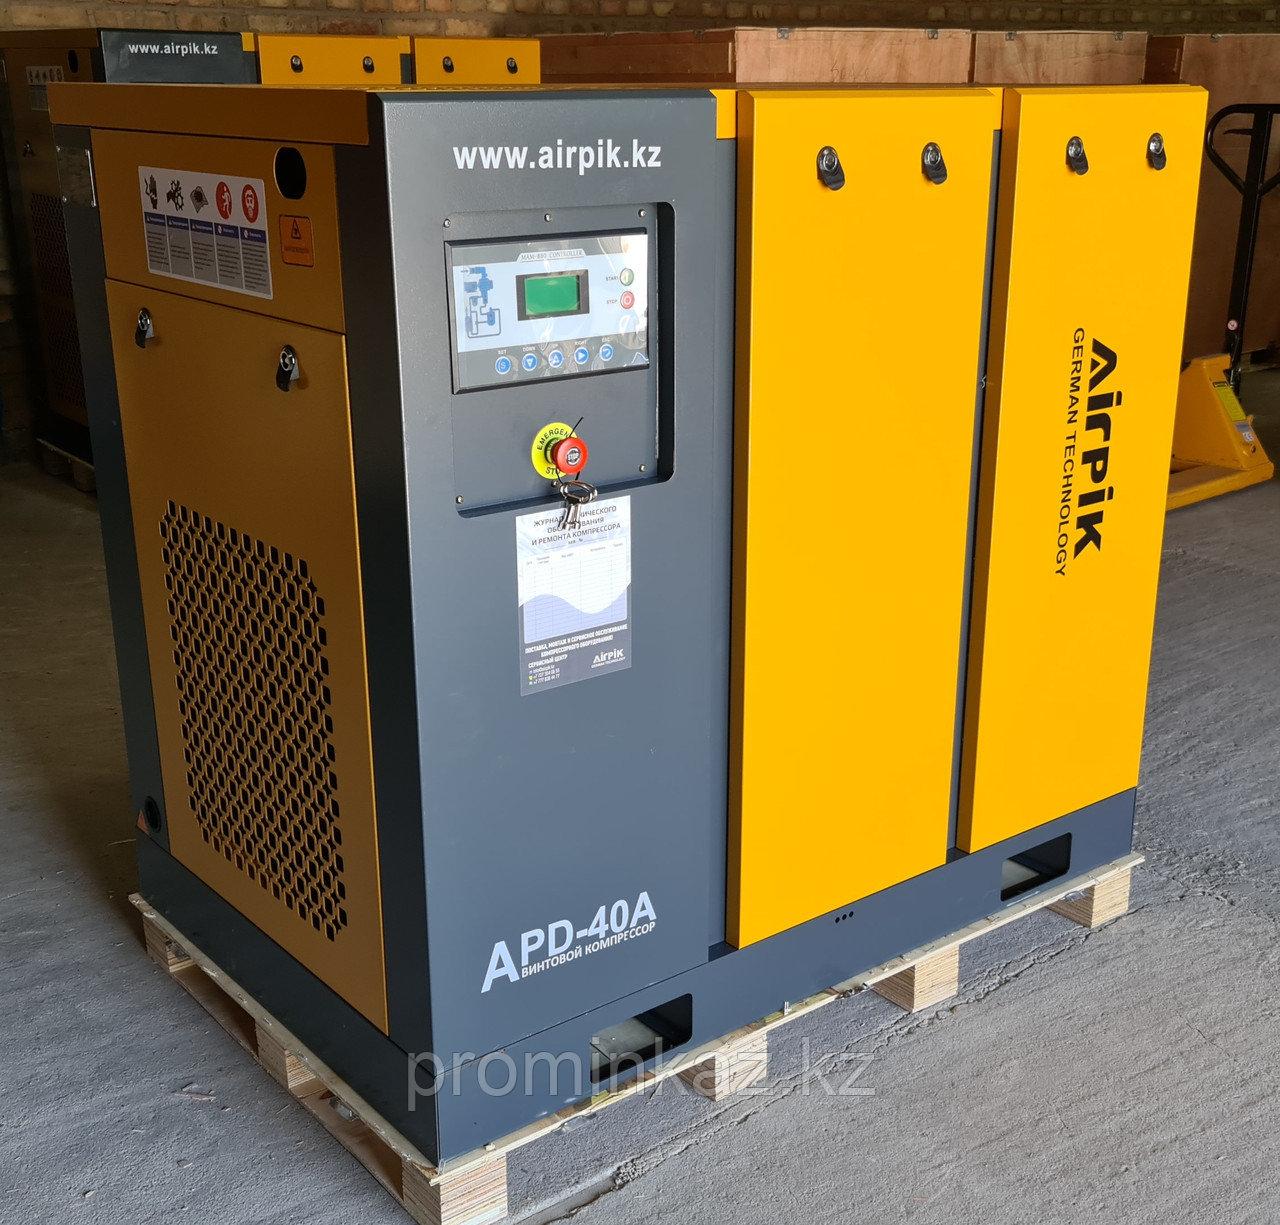 Оборудование для стяжки полов -5 куб.м AirPIK